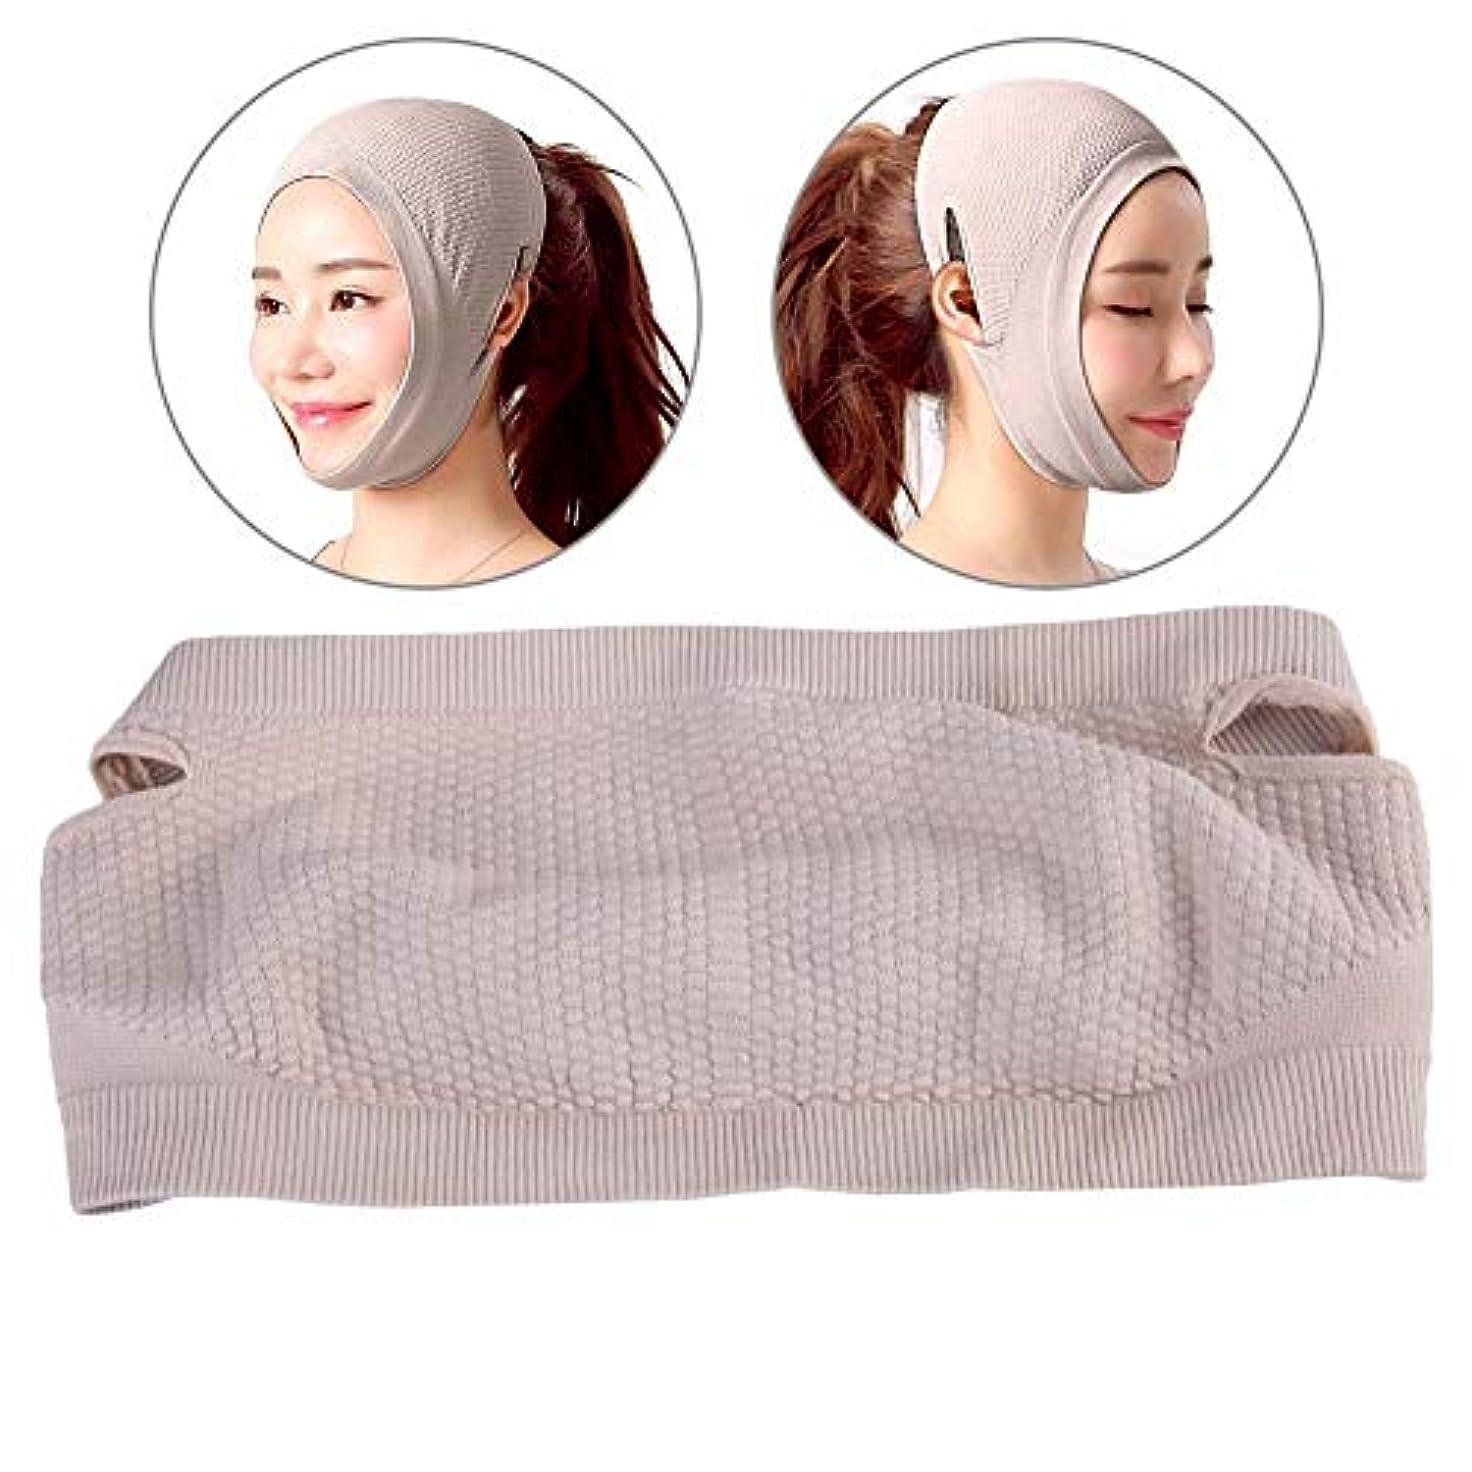 船外の頭の上処理する顔の輪郭を改善するVフェイス美容包帯 フェイシャルリフティングマスク、露出耳のデザイン/通気性/伸縮性/副作用なし